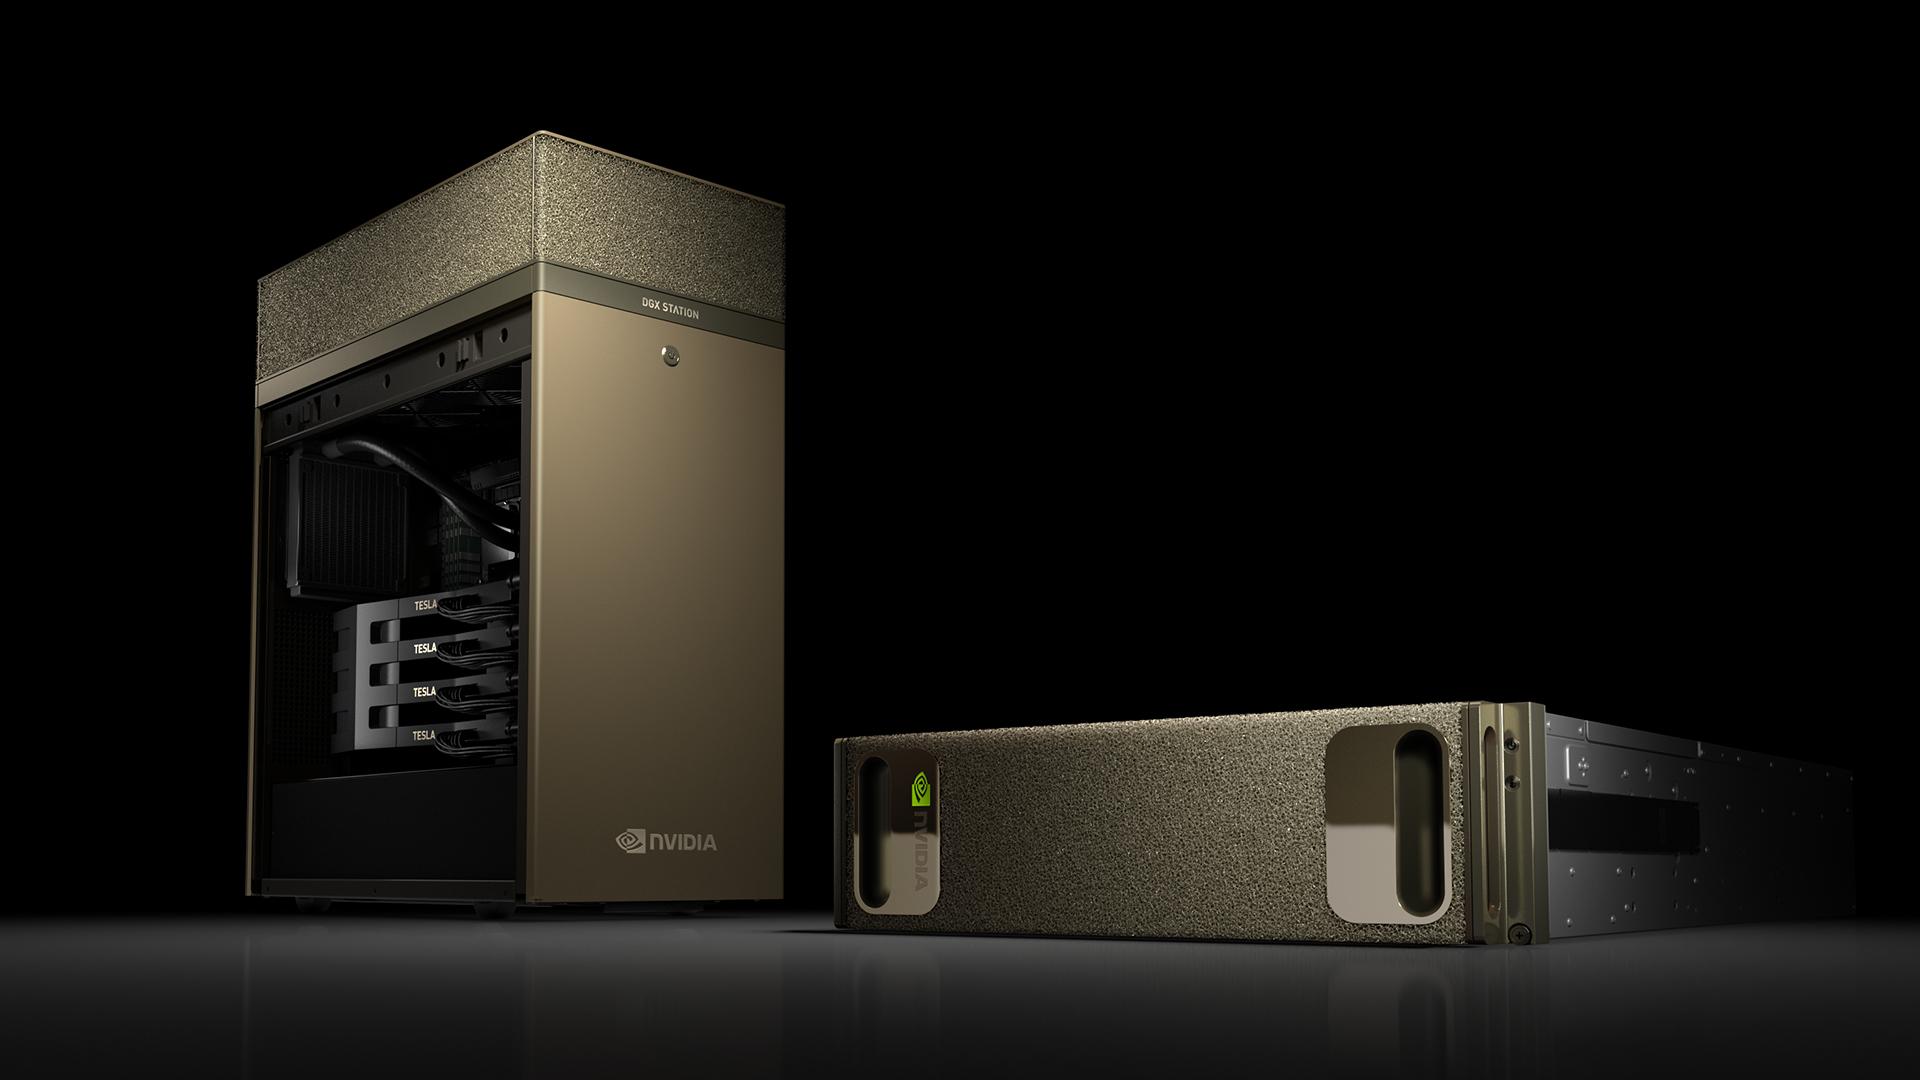 NVIDIA's DGX supercomputers.